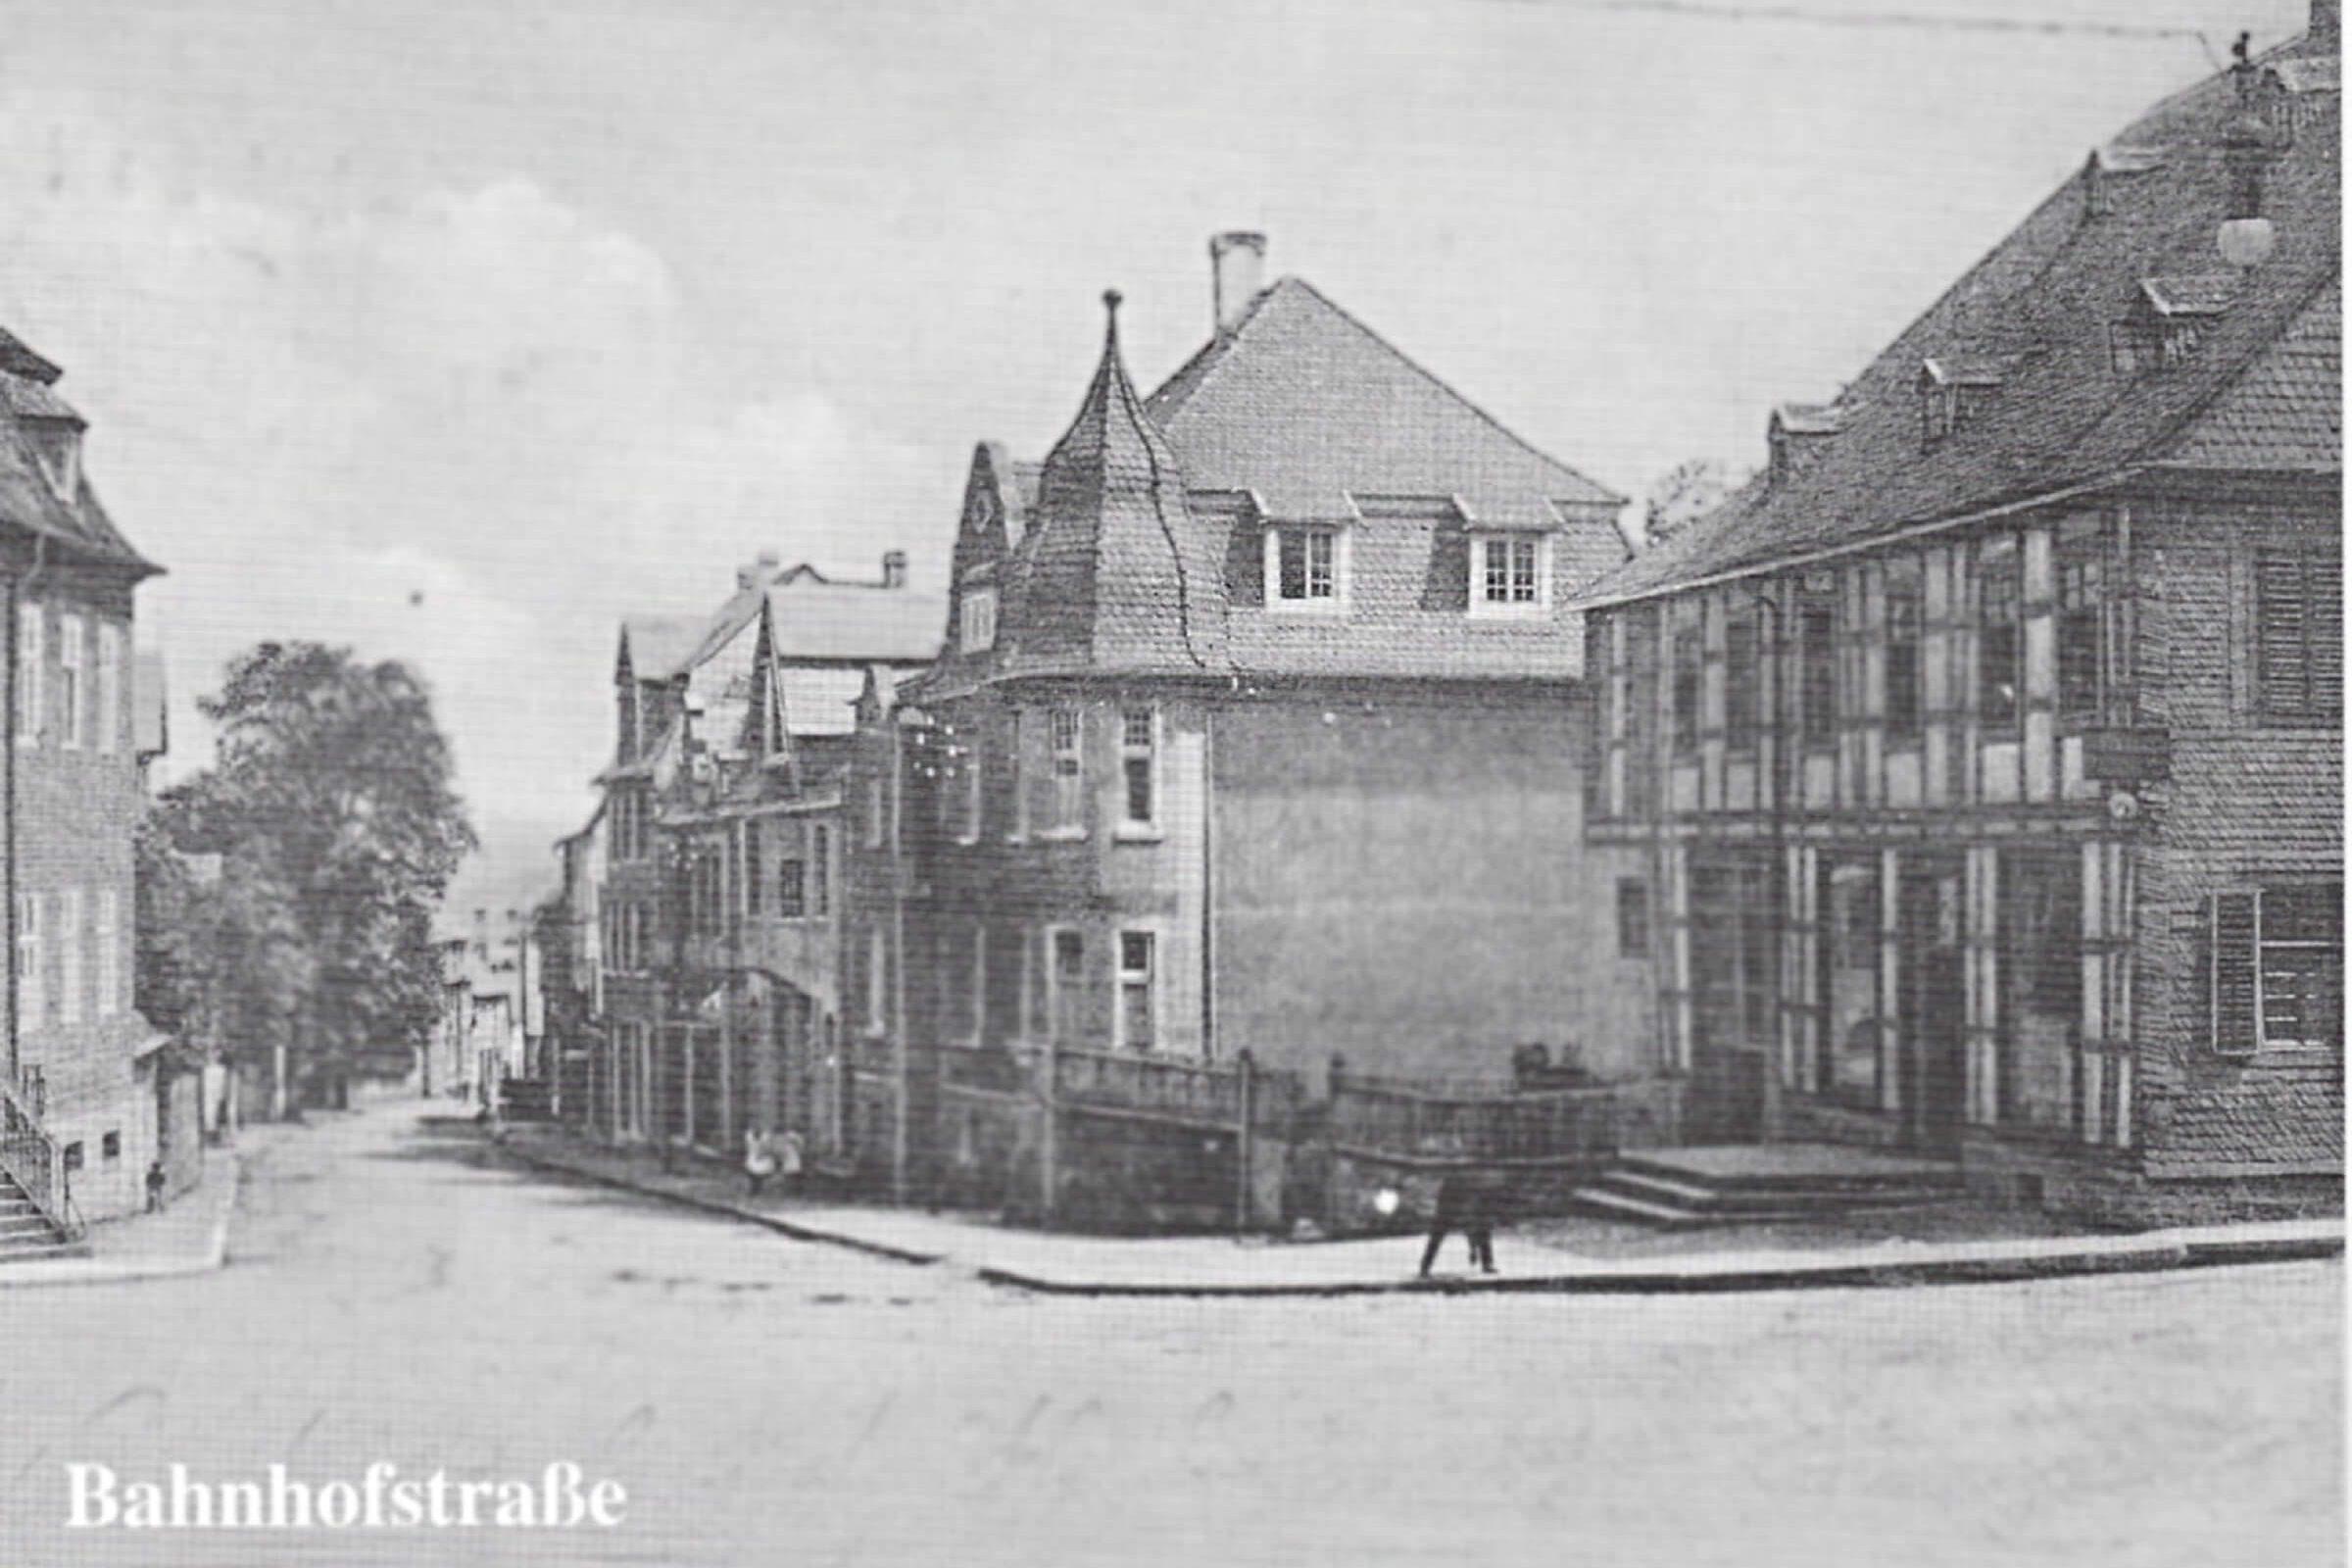 Blick in die Bahnhofstraße in den 20er Jahren